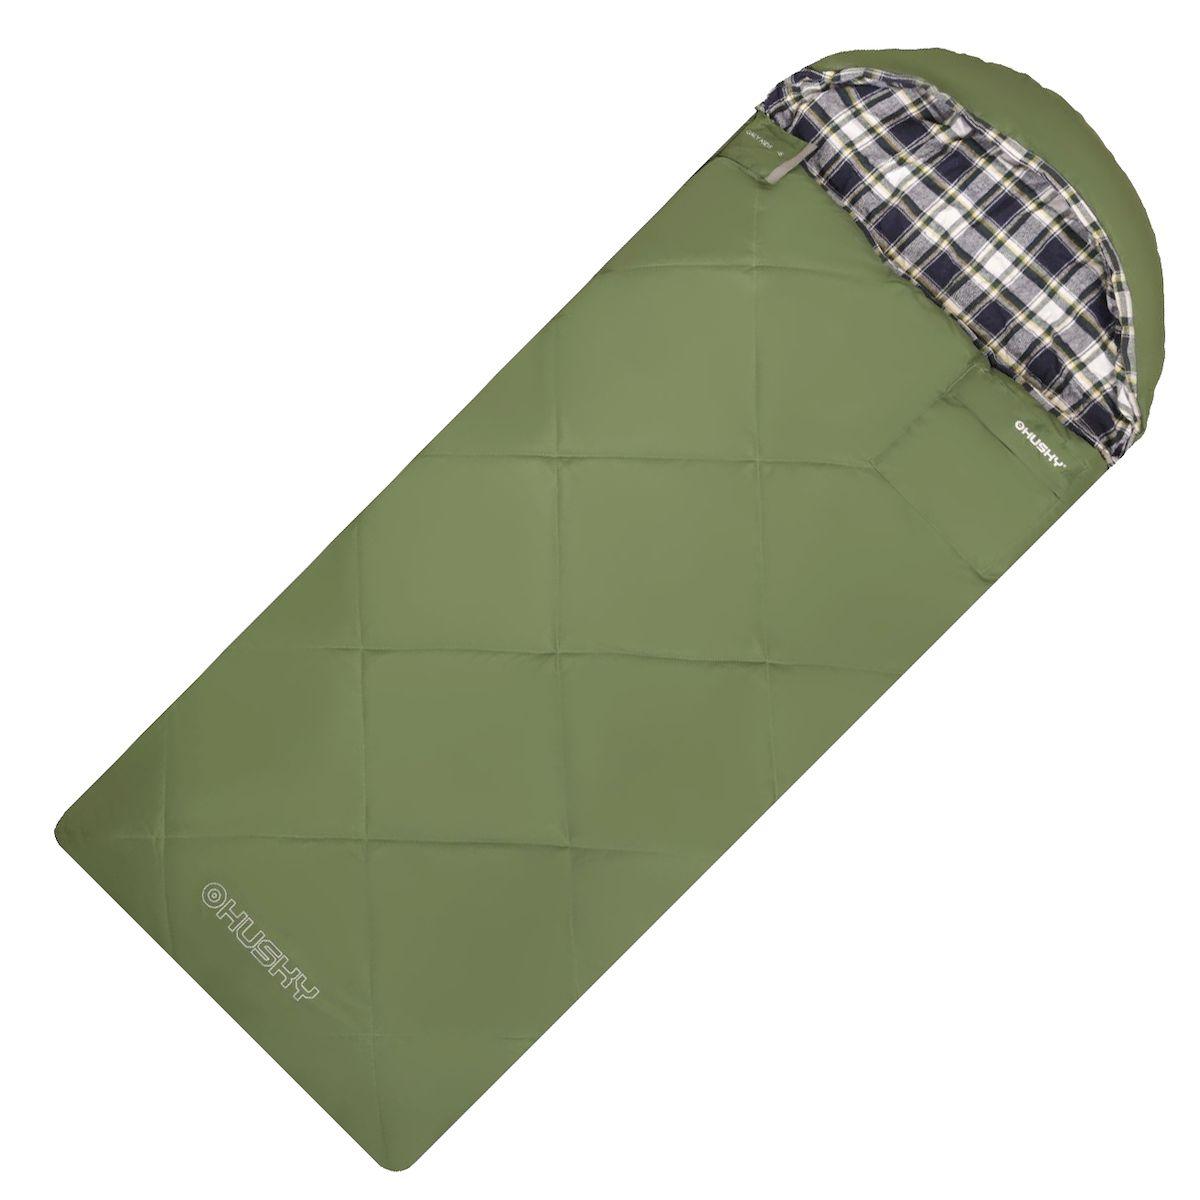 Спальник-одеяло Husky GALY KIDS -5С, правая молния, цвет: зеленыйУТ-000069842Двухслойный детский спальный мешок-одеяло GALY KIDS для кемпинга. Утеплитель из 4-х канального холофайбера, превосходная комбинация теплового комфорта с комфортом традиционного спального мешка-одеяла. Galy можно использовать не только на природе, но и в помещении как традиционное одеяло. Размер: 70 х 170 см.Размер в сложенном виде: 44 х 35 х 14 см.Вес: 1800 г.Экстремальная температура: -5C;Комфортная температура: -0С ... +5С;- Внешний материал: Pongee 75D 210T (лен);- Внутренний материал: флис (полиэстер);- Утеплитель: 2 слоя 150 г/м2 HollowFibre;- Конструкция: два слоя;- Компрессионный мешок;- Петли для сушки.